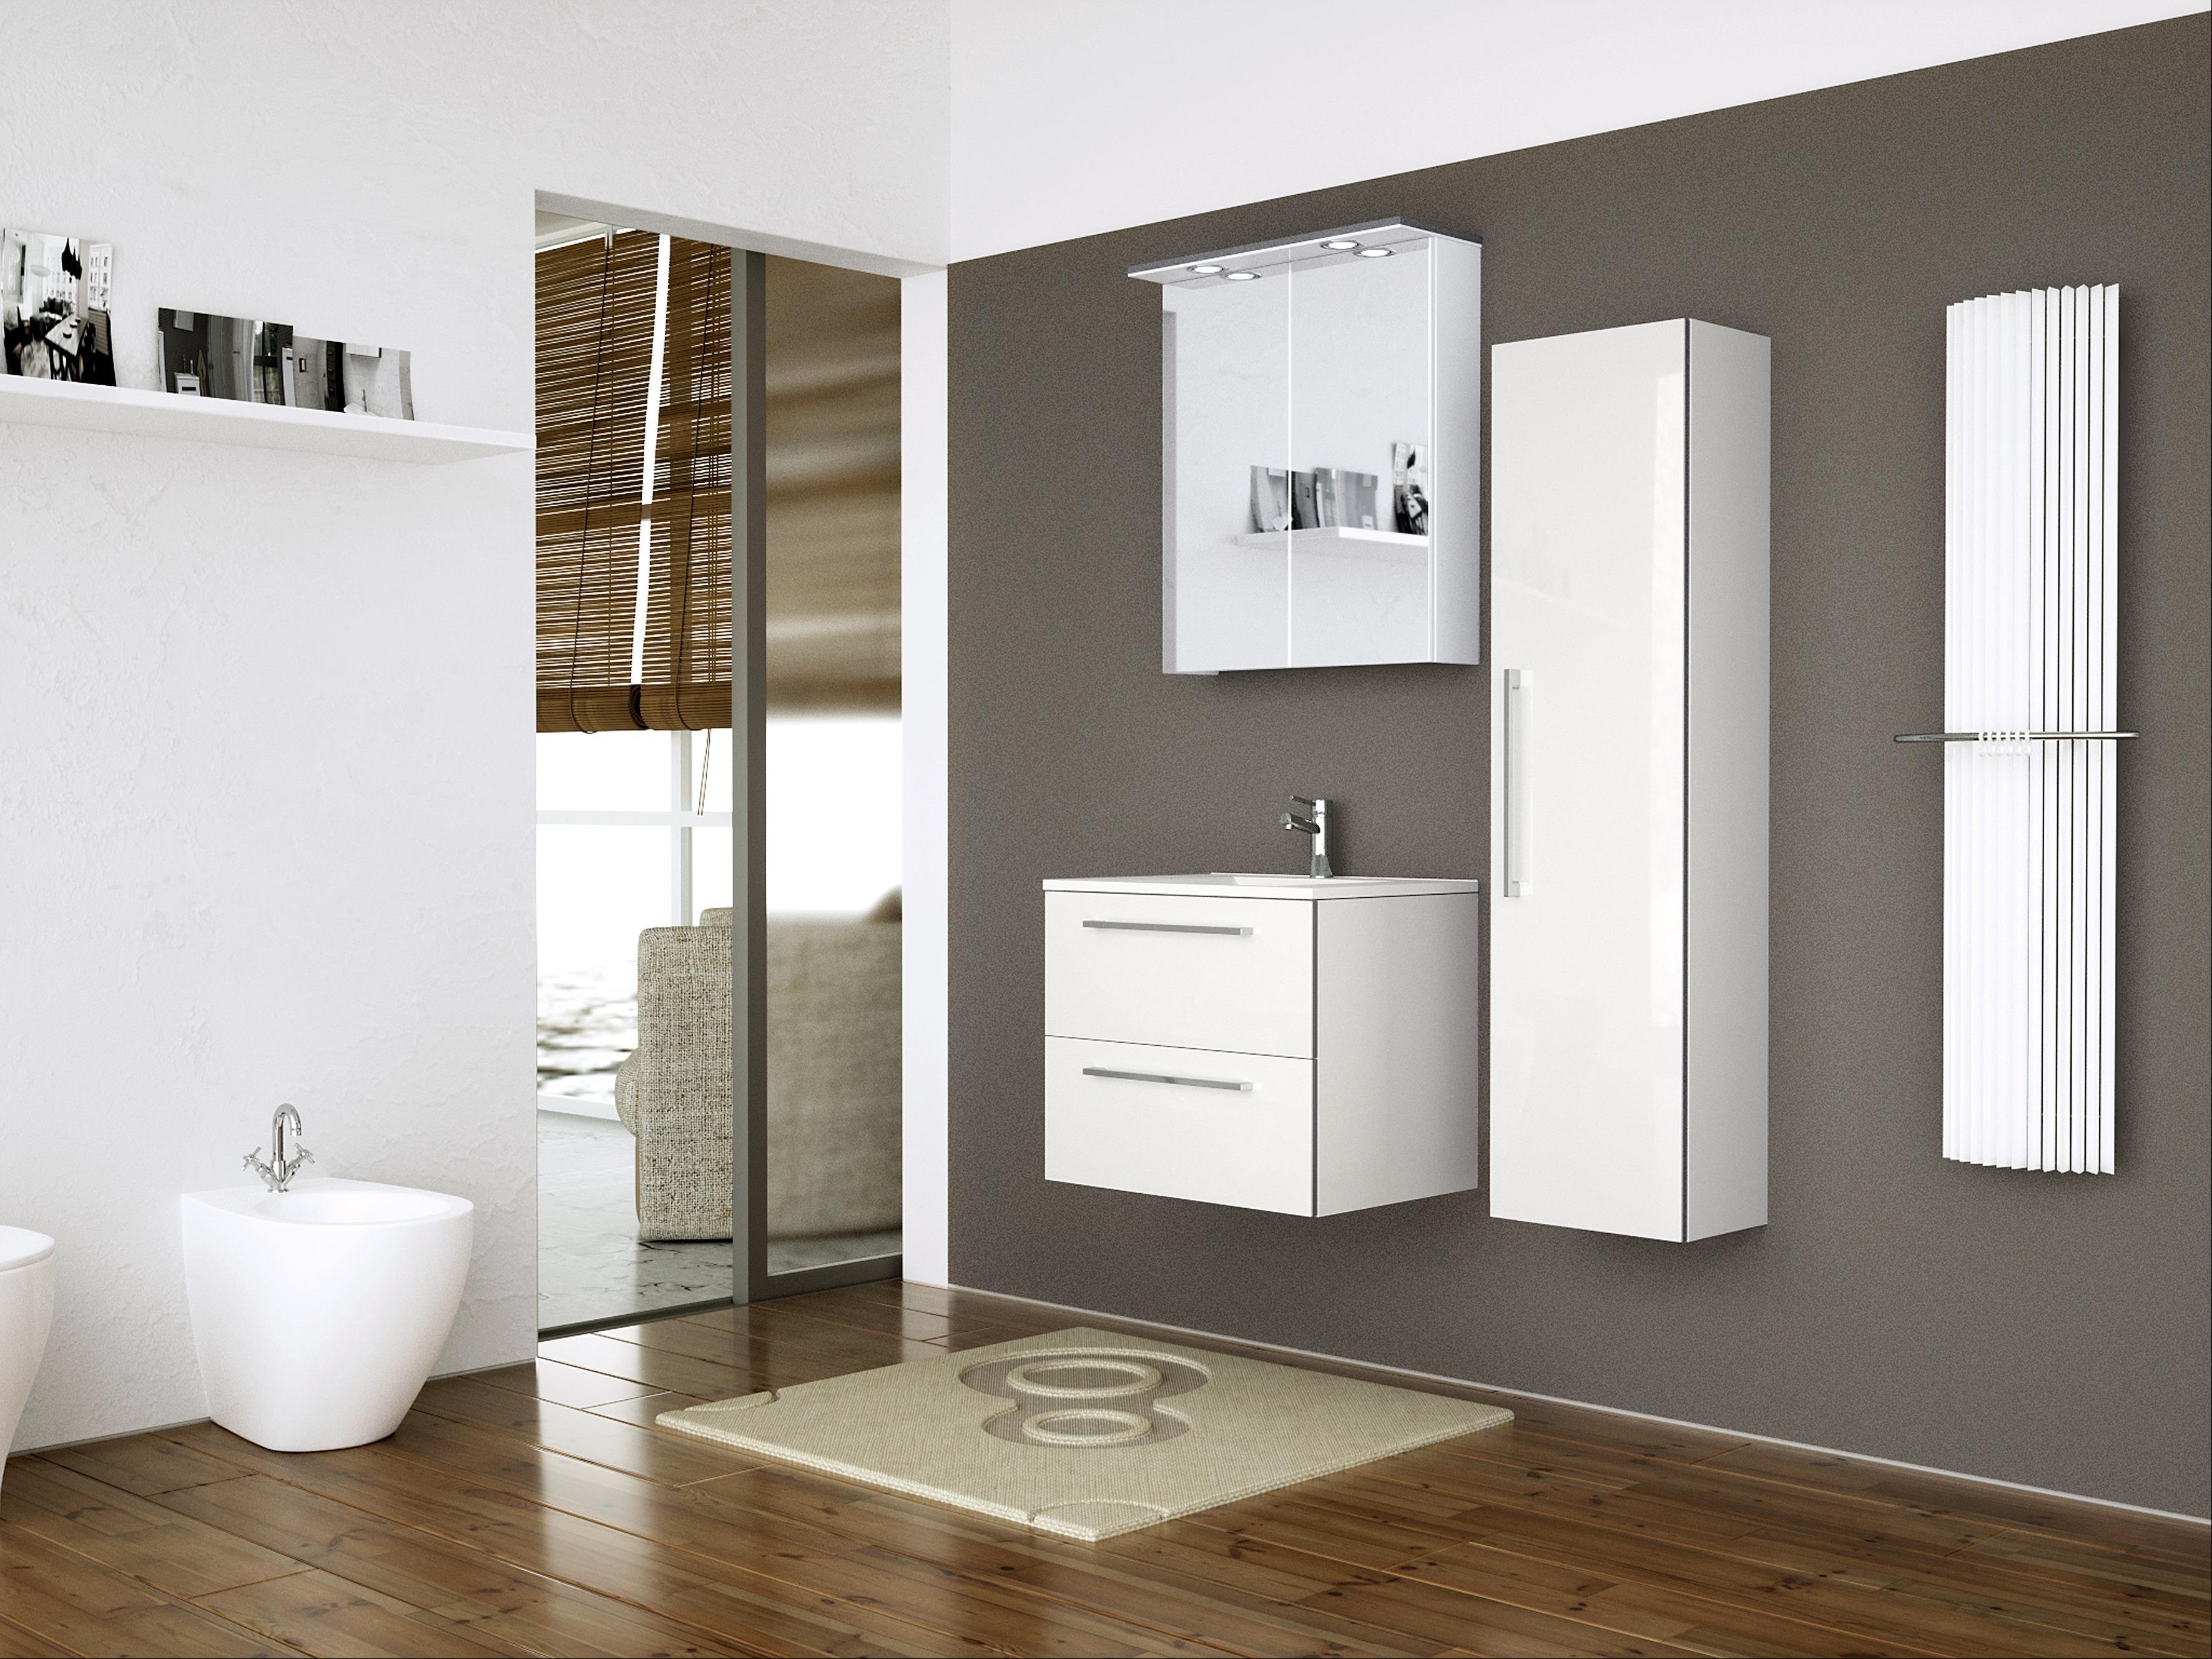 Bad LED Spiegelschrank Allegro 61 Weiß glänzend Bild 4